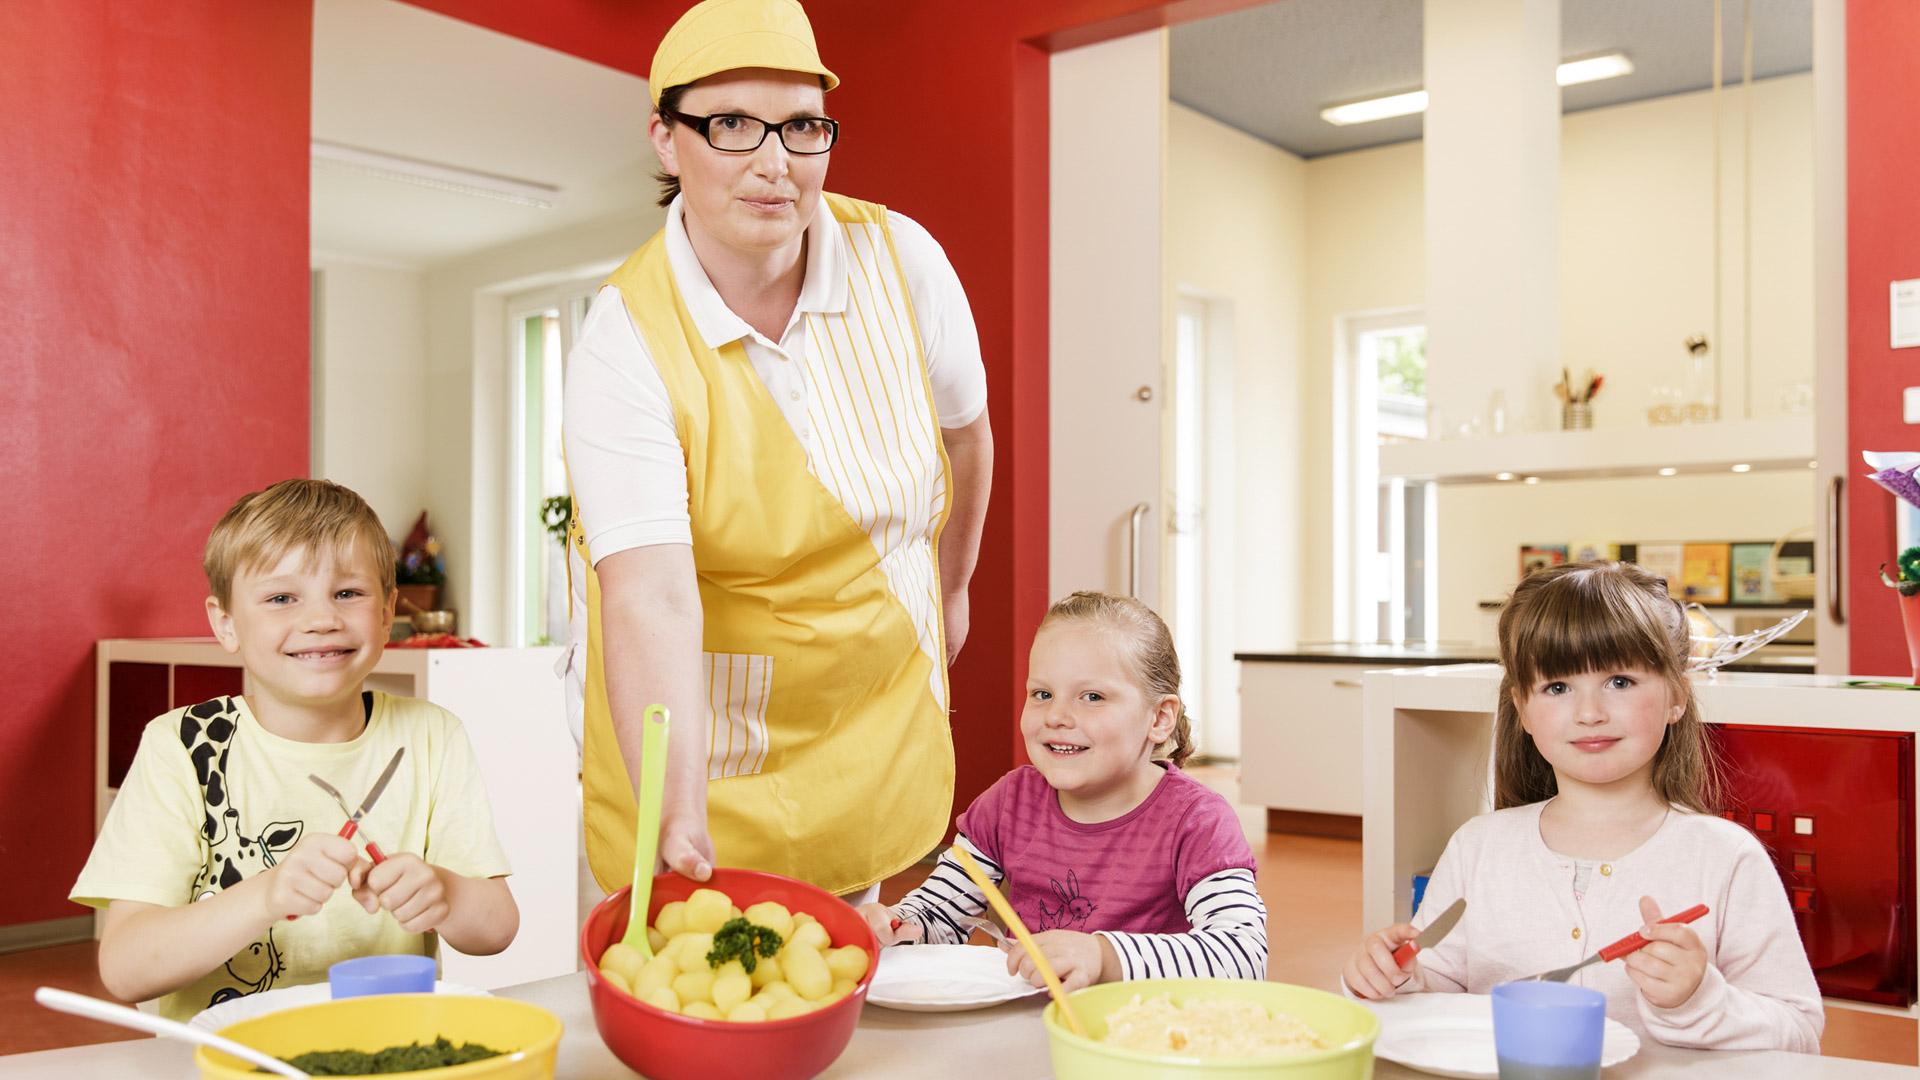 rws-cateringservice_kindertageseinrichtung_kinder_mittagessen_essenausgabe